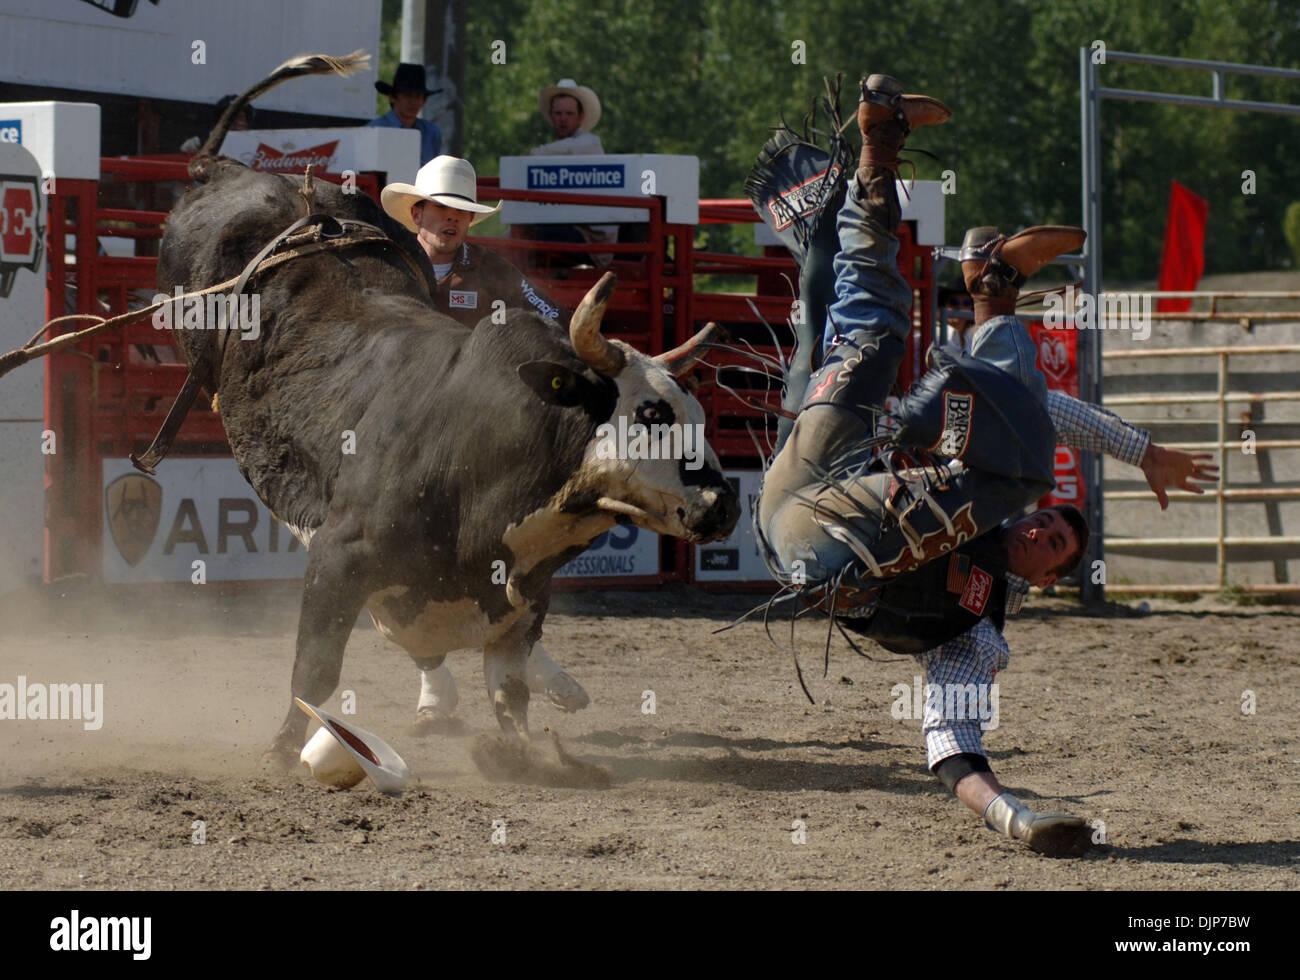 18 mai 2008 - Cloverdale, en Colombie-Britannique, Canada - Cowboy participe à la monte de taureau à la catégorie professionnelle de l'événement annuel Cloverdale Rodeo. Le rodéo a été tenue pour la première fois en 1945 et s'est avéré si populaire qu'il a été repris par l'Association agricole de la vallée du bas Fraser en 1947. En 1962, le salon a été repris par le Fraser Valley Exhibition Society, et en 1994, la juste et rode Banque D'Images